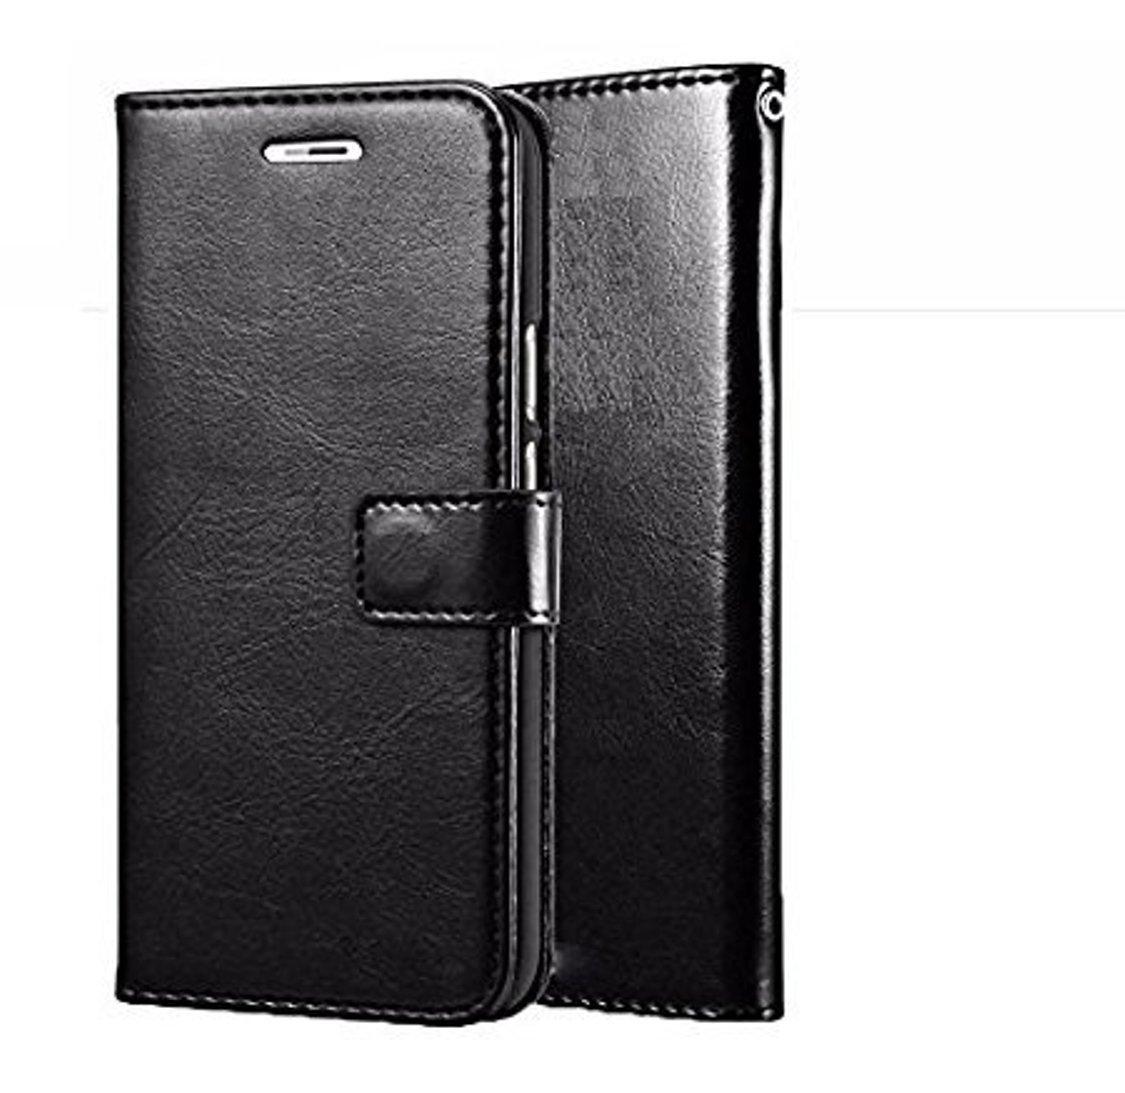 D G Kases Vintage PU Leather Kickstand Wallet Flip Case Cover For Motorola Moto G5 Plus   Black